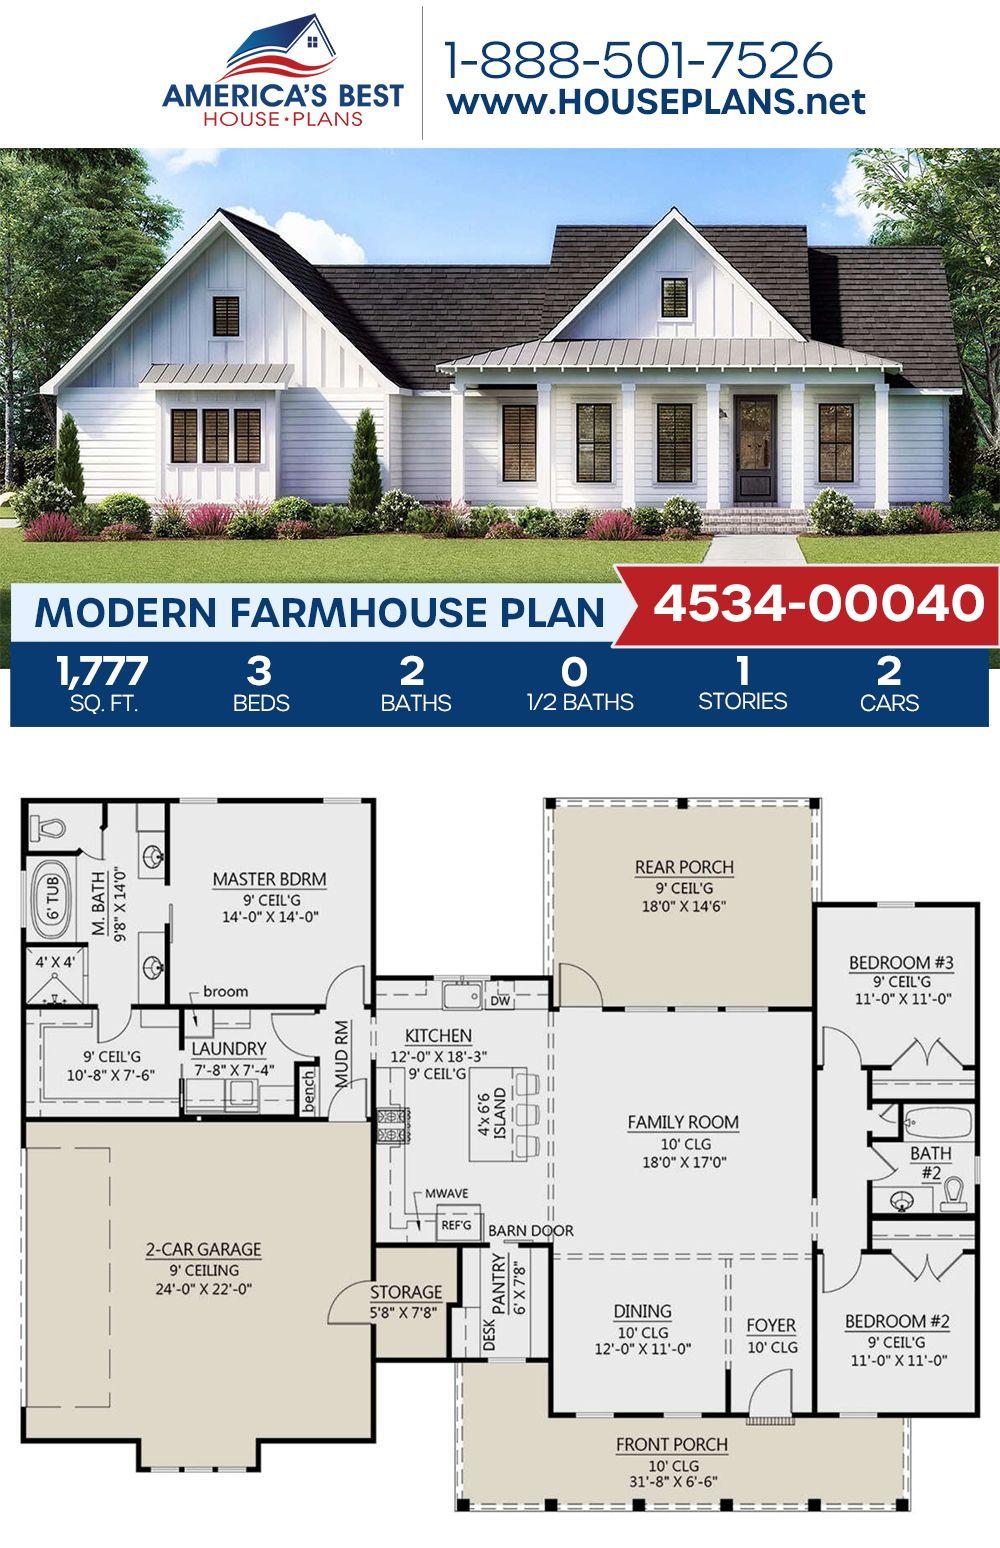 Modern Farmhouse Plan 4534